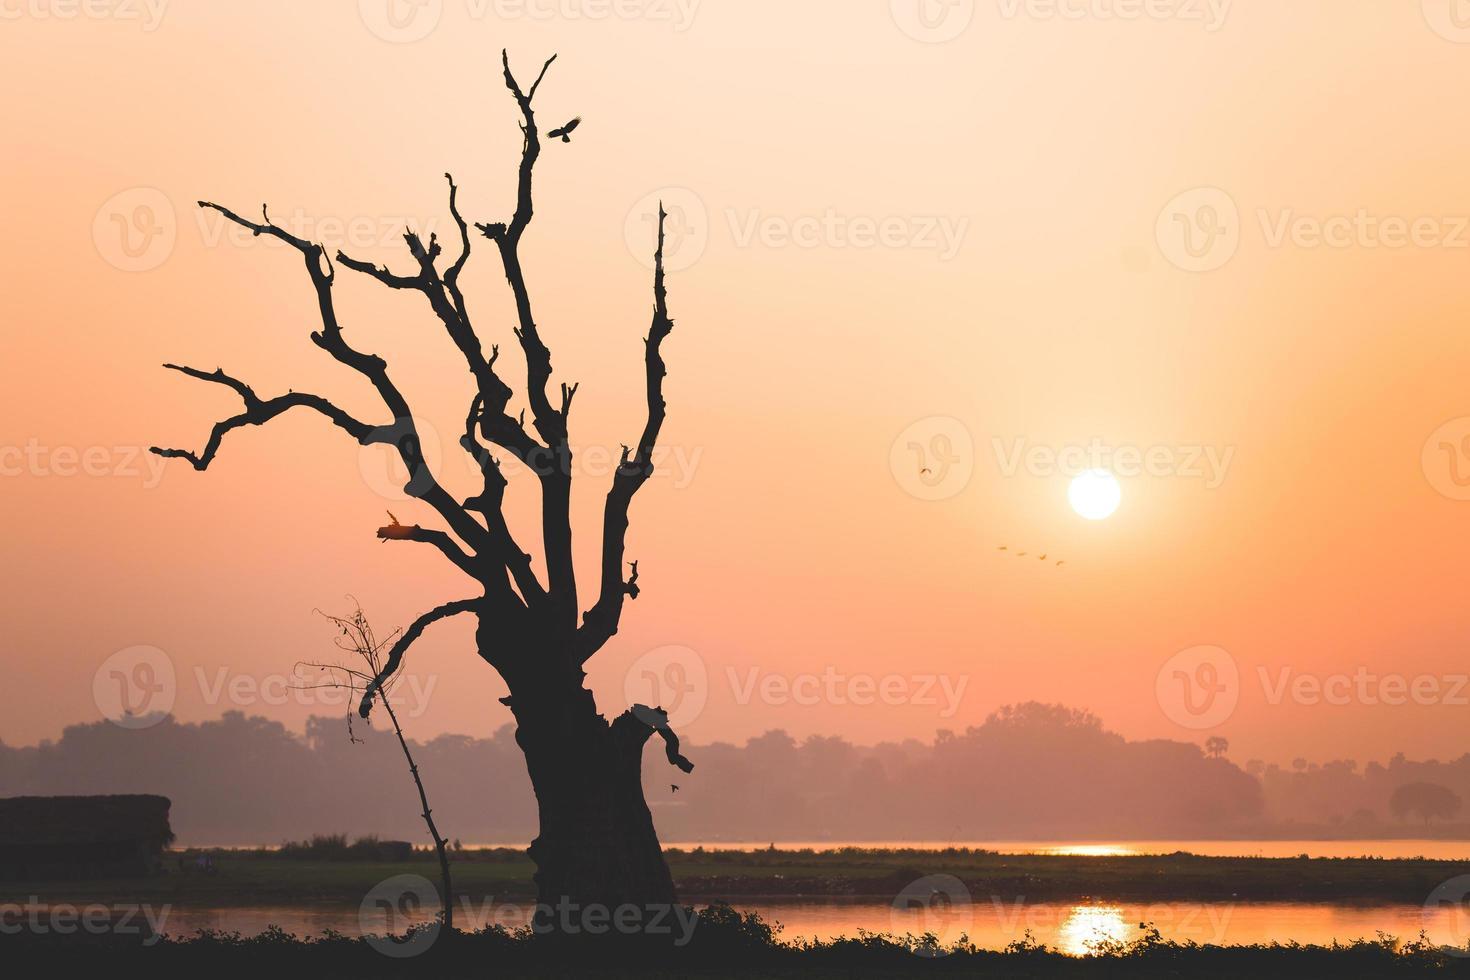 arbre mort photo